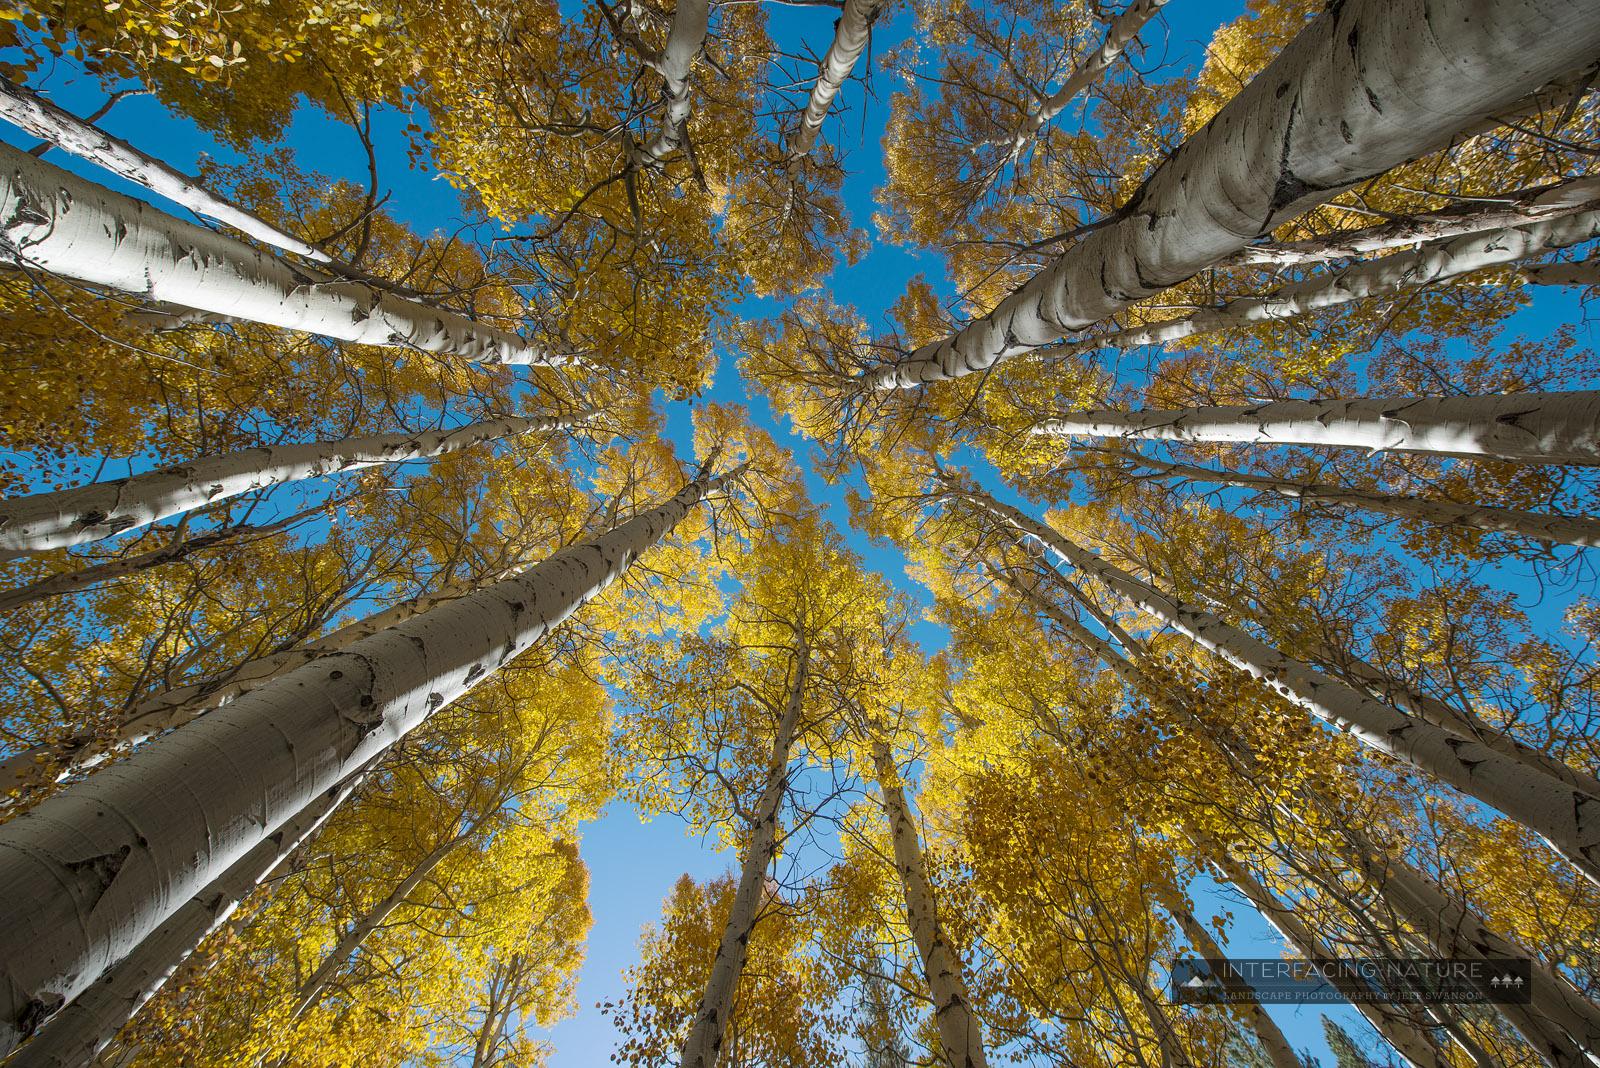 Interfacing Nature Autumn